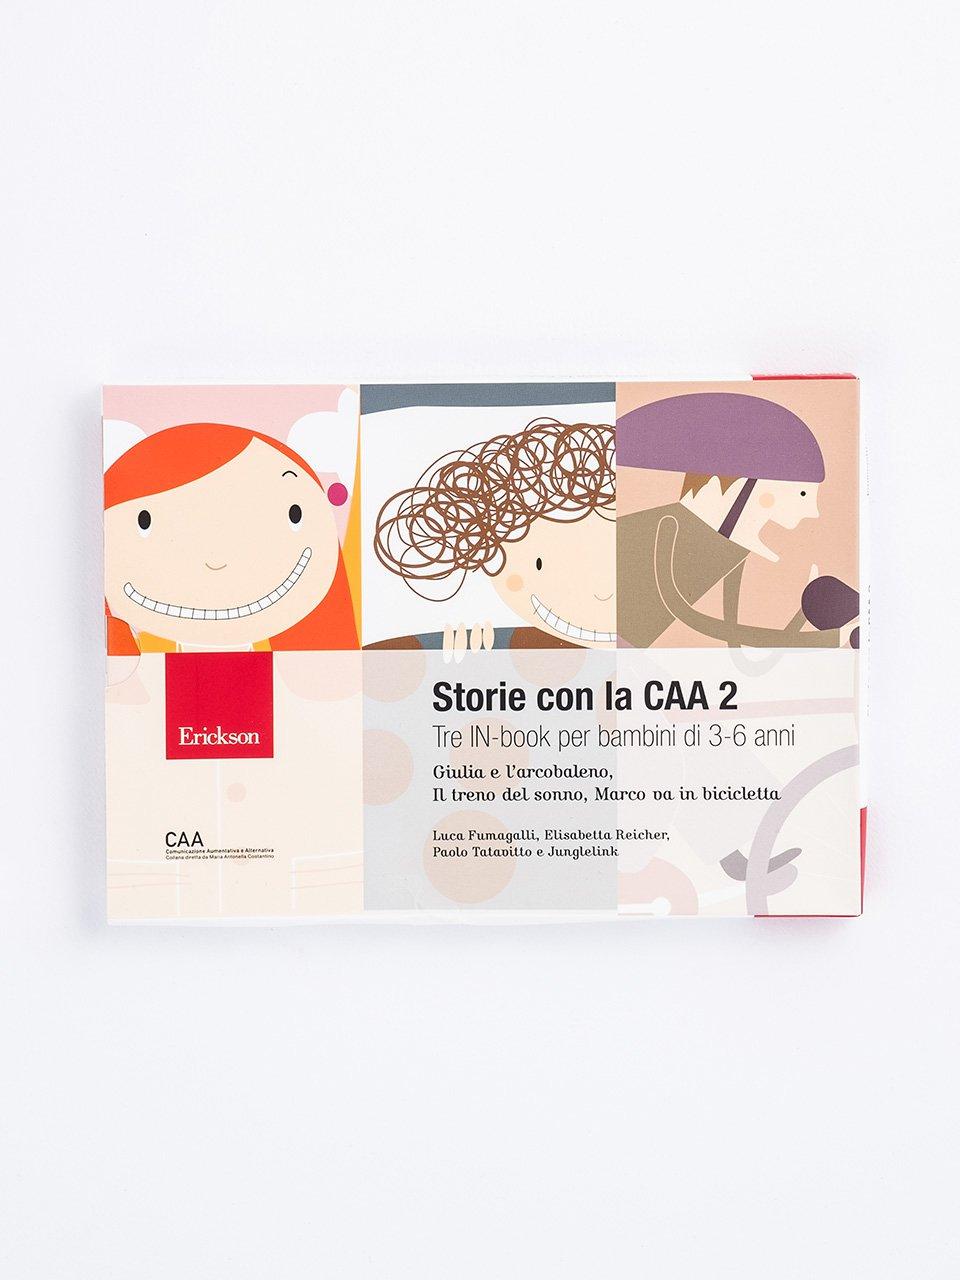 Storie con la CAA 2 - I Classici con la CAA - Pinocchio - Libri - Erickson